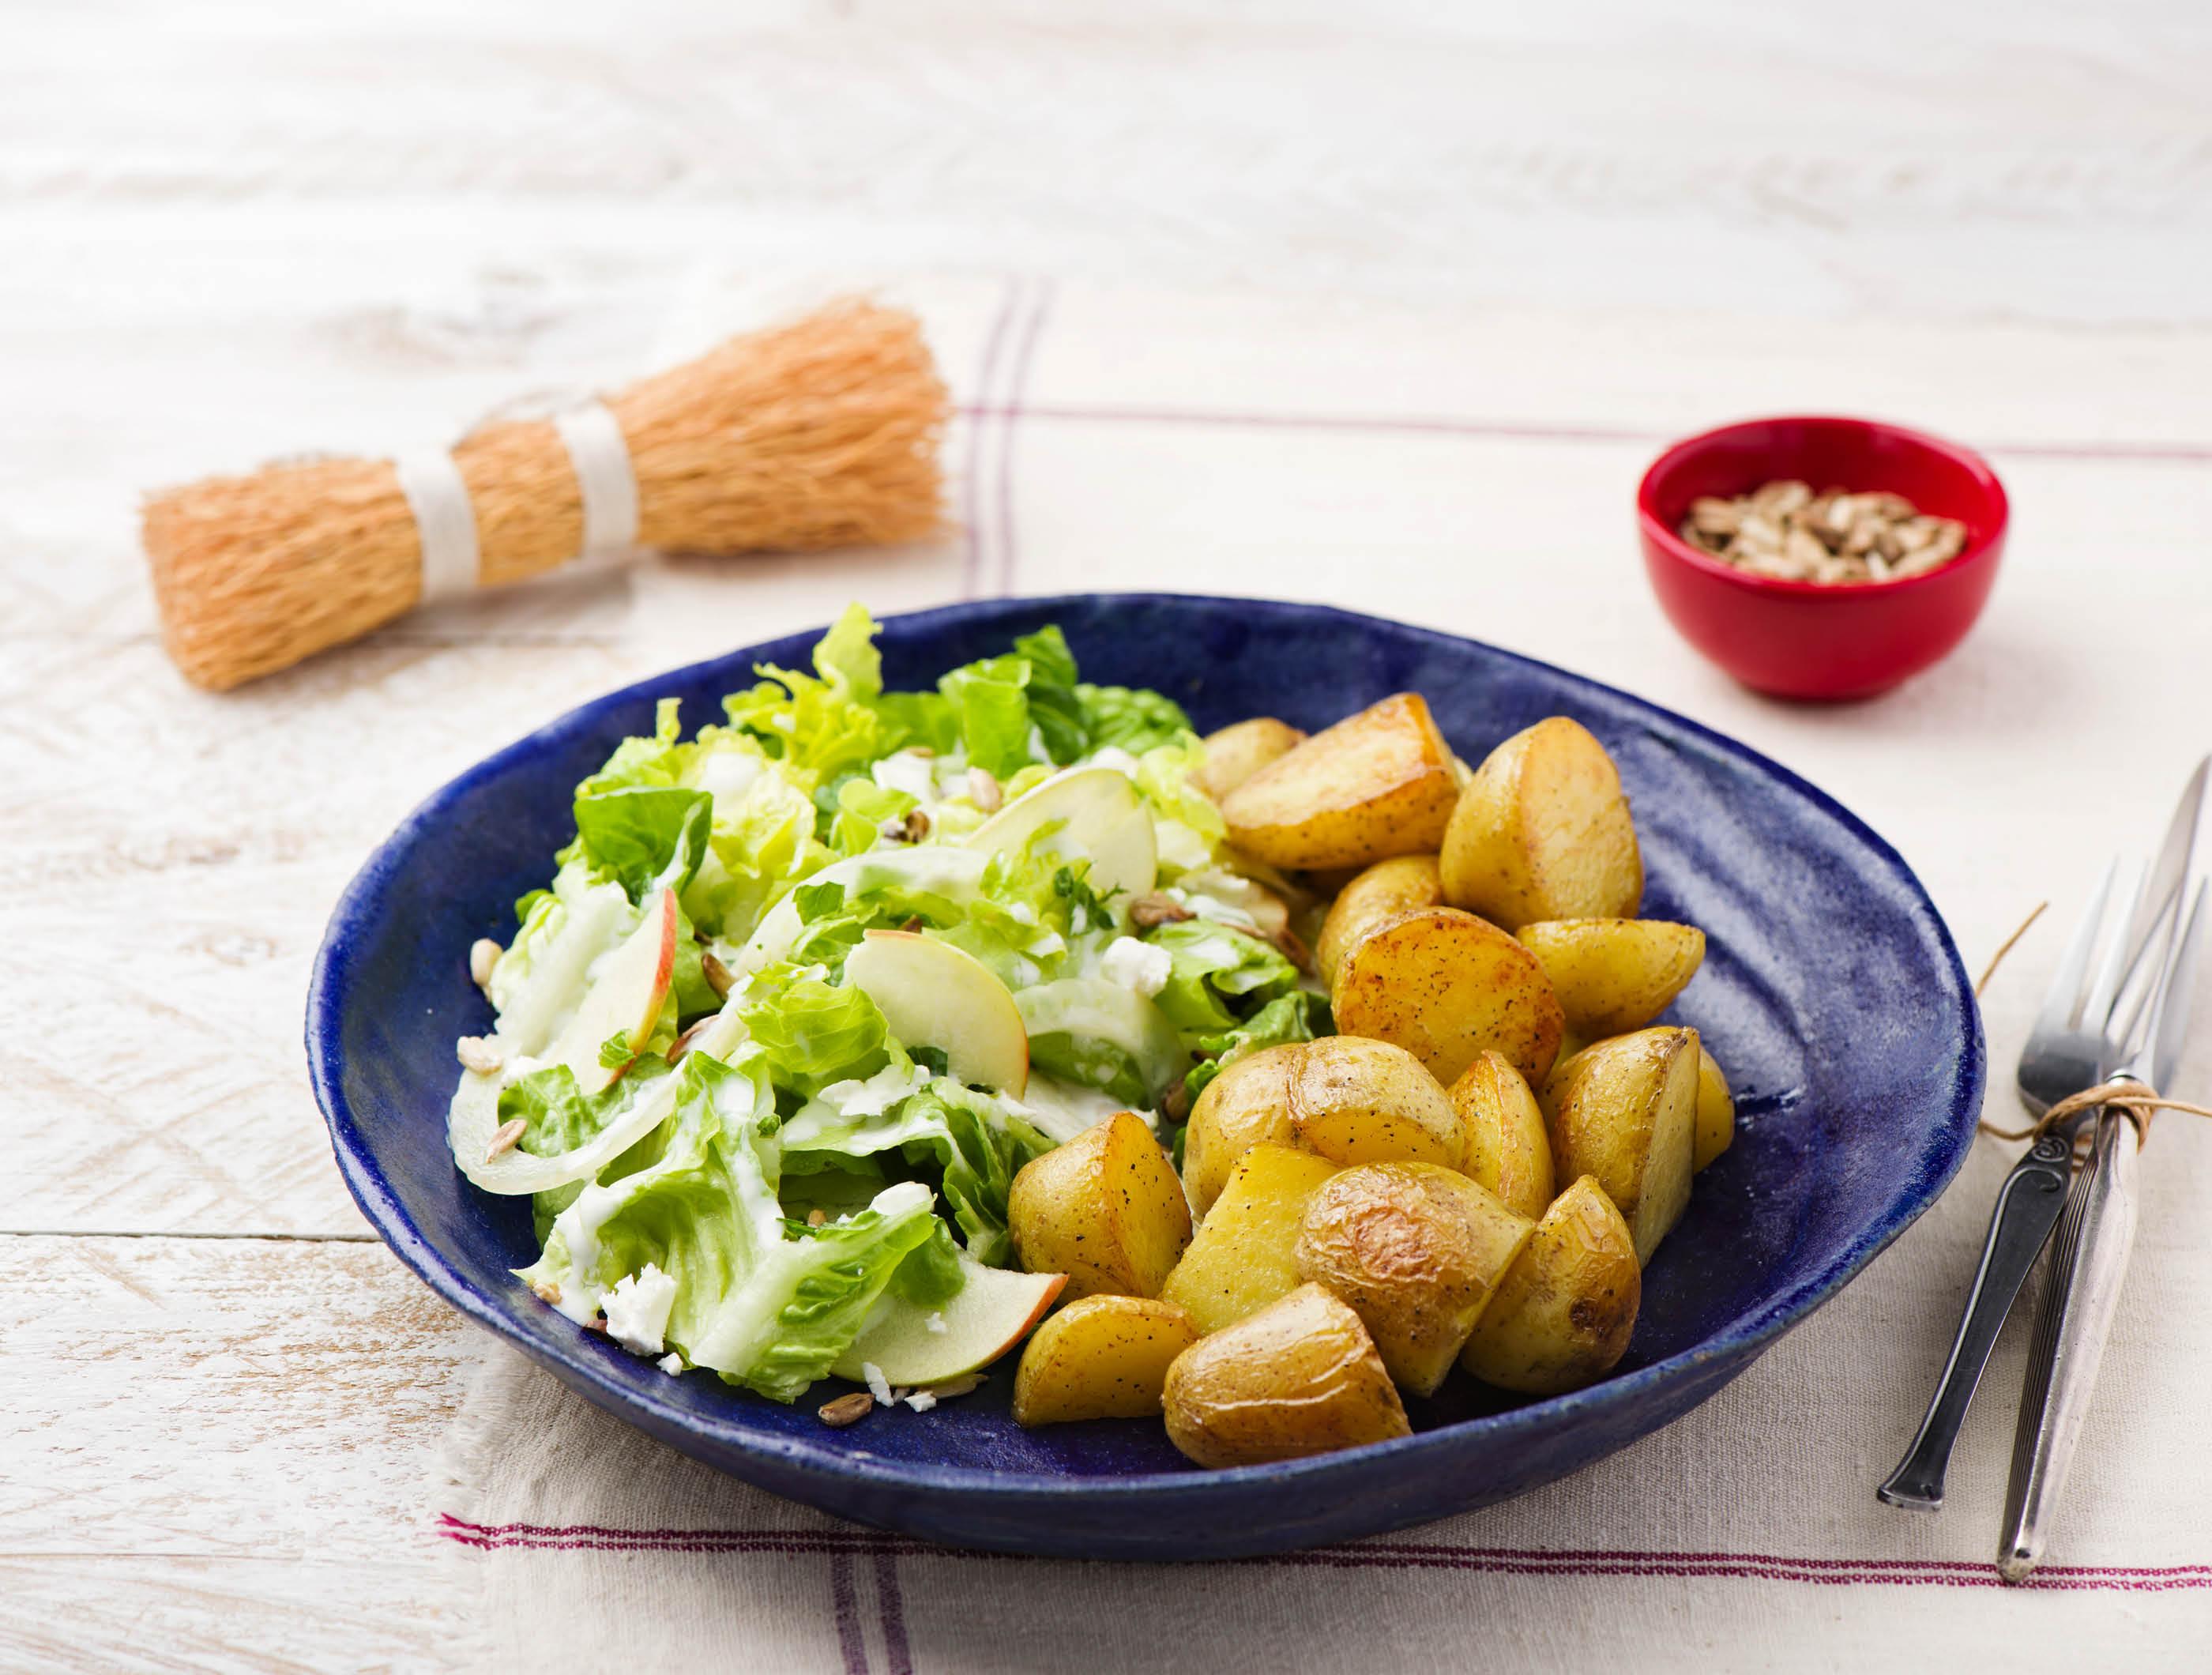 Appel-venkelsalade met feta, verse munt en aardappelen